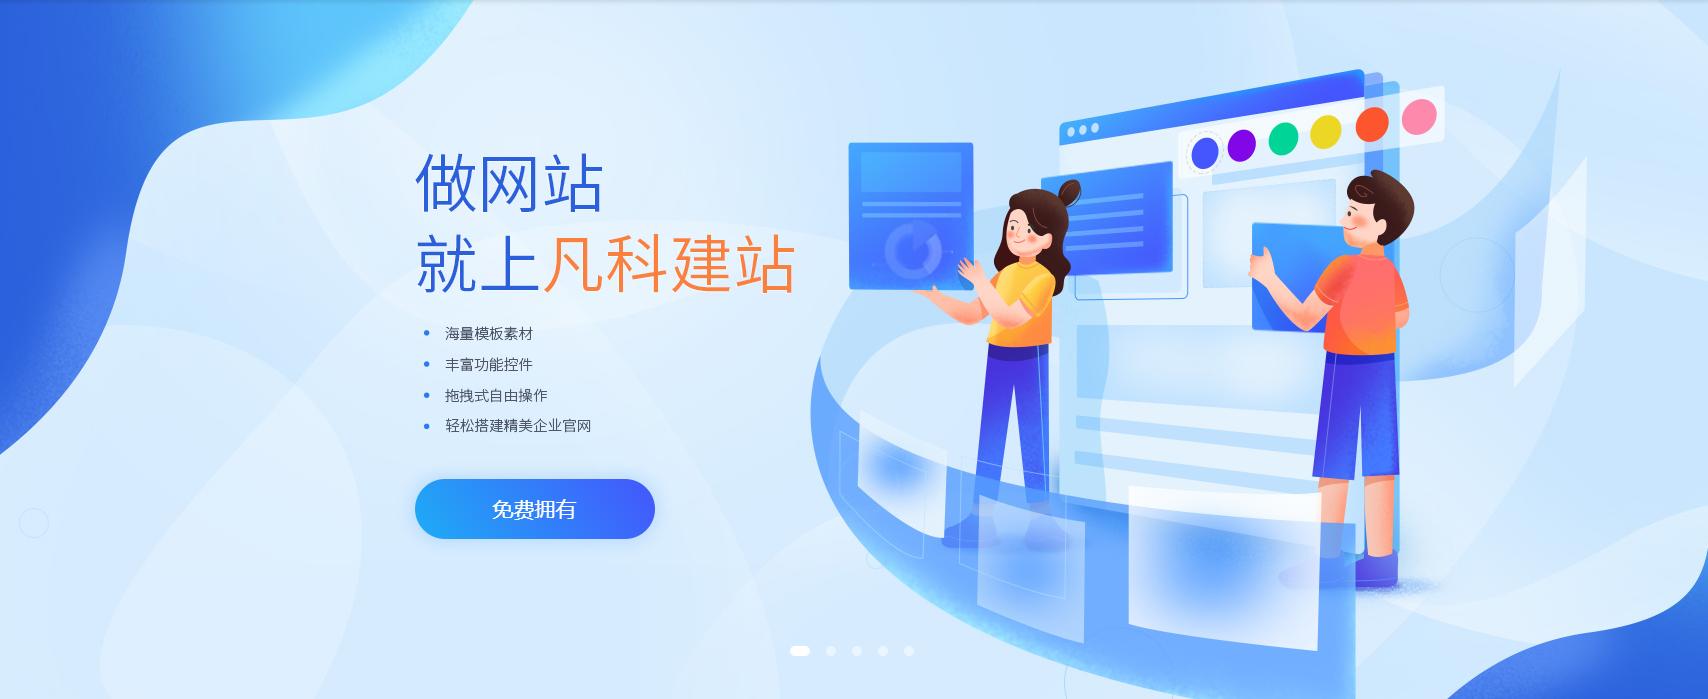 企业电商网站建设